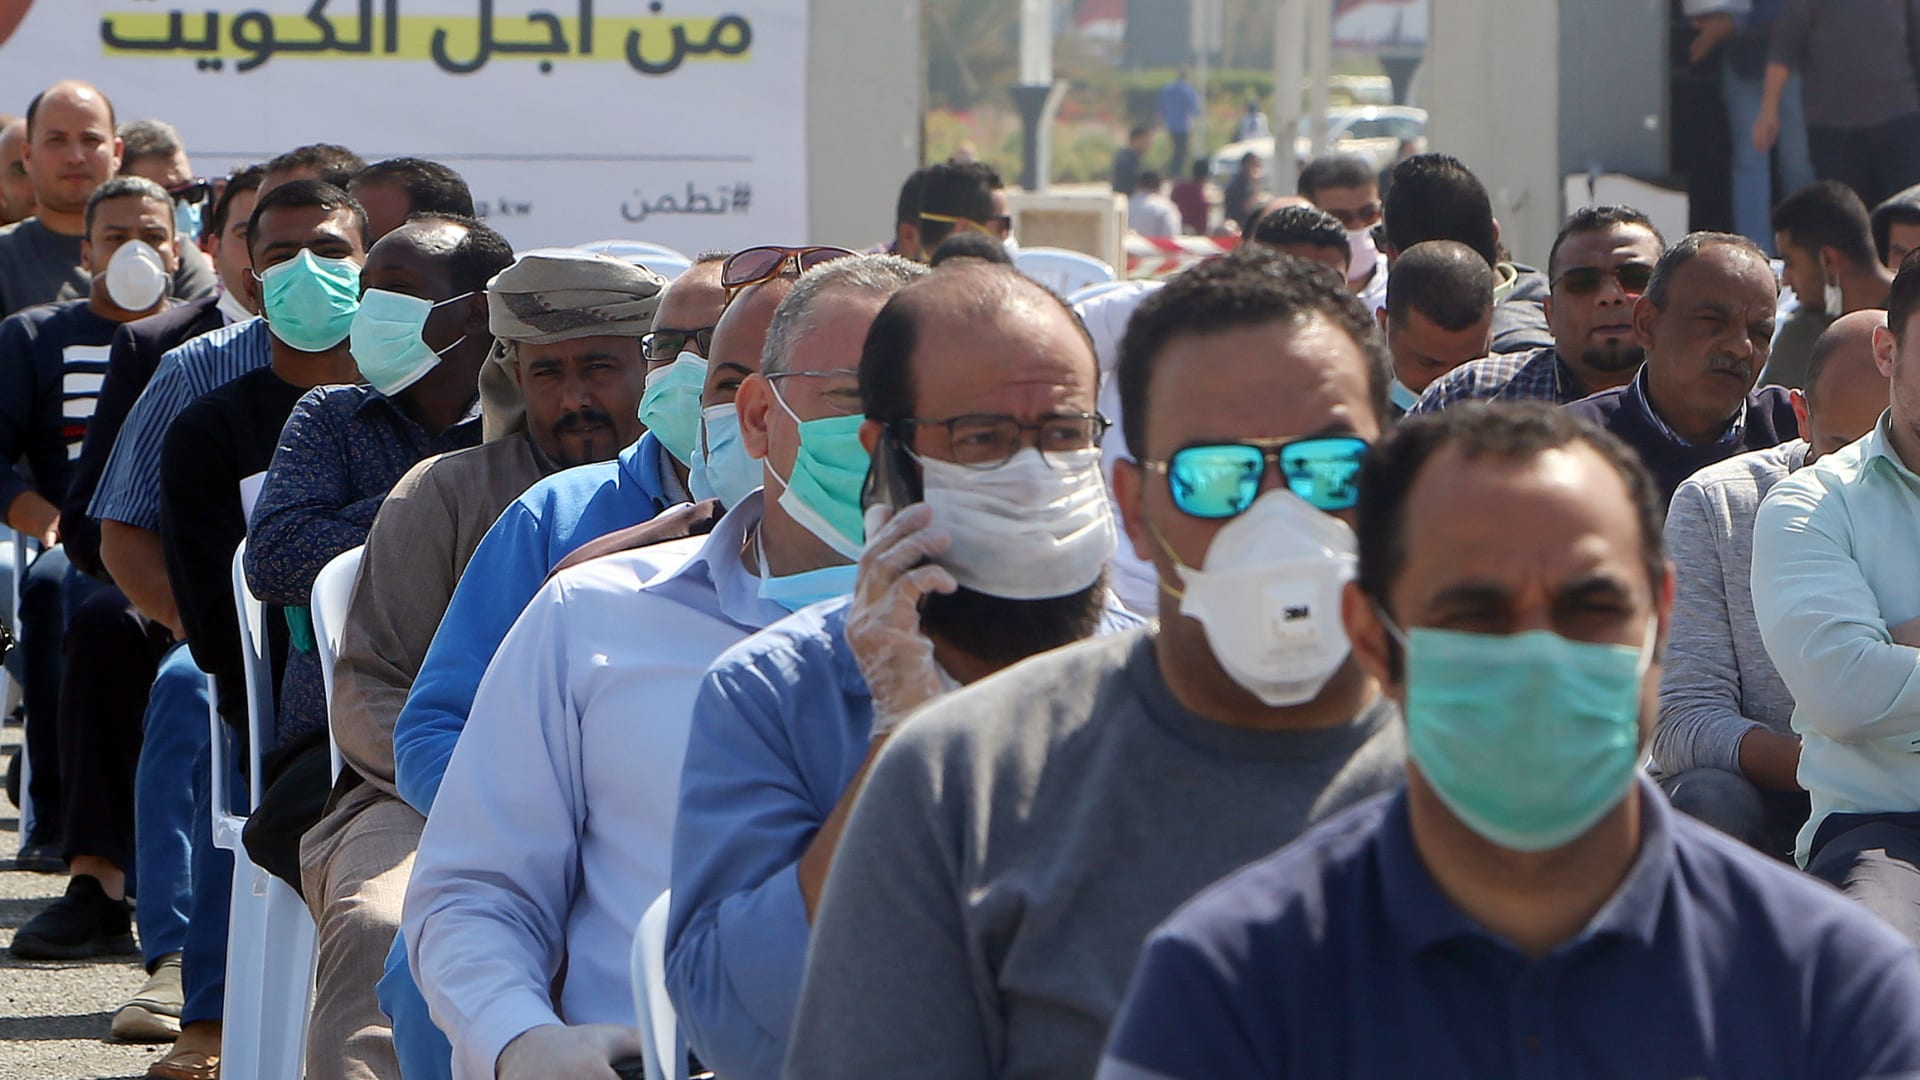 """شاهد.. طائرات """"درون"""" كويتية تلاحق الحشود خوفاً من انتشار فيروس كورونا"""